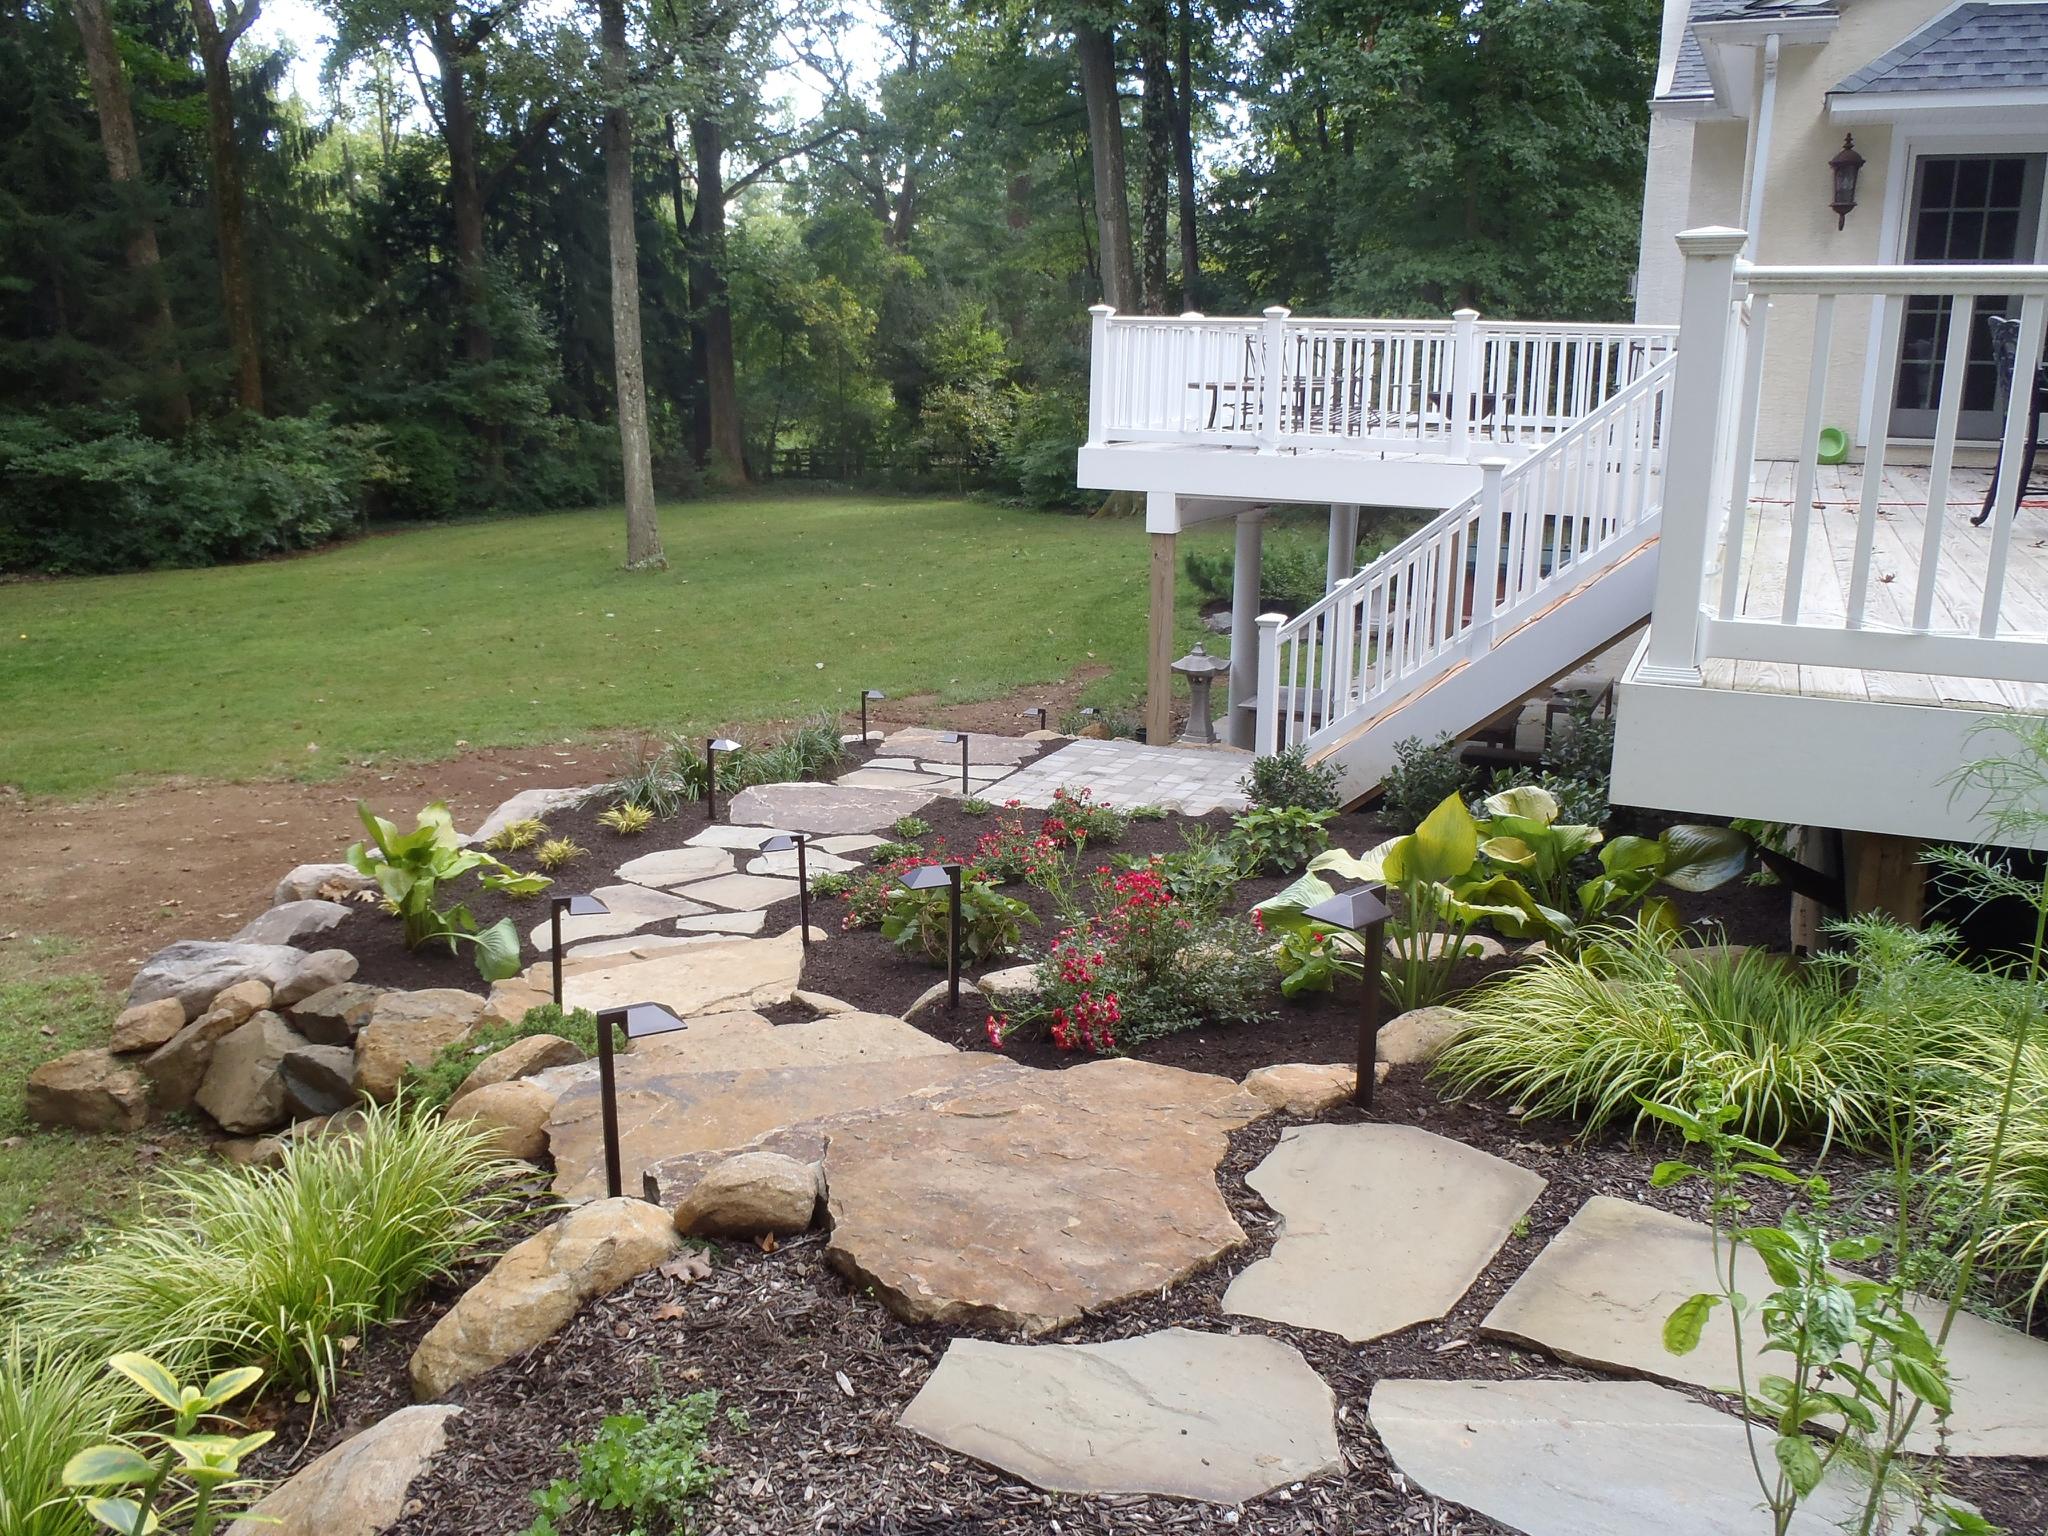 Landscaper lawn care service landscape designer for Landscaping companies